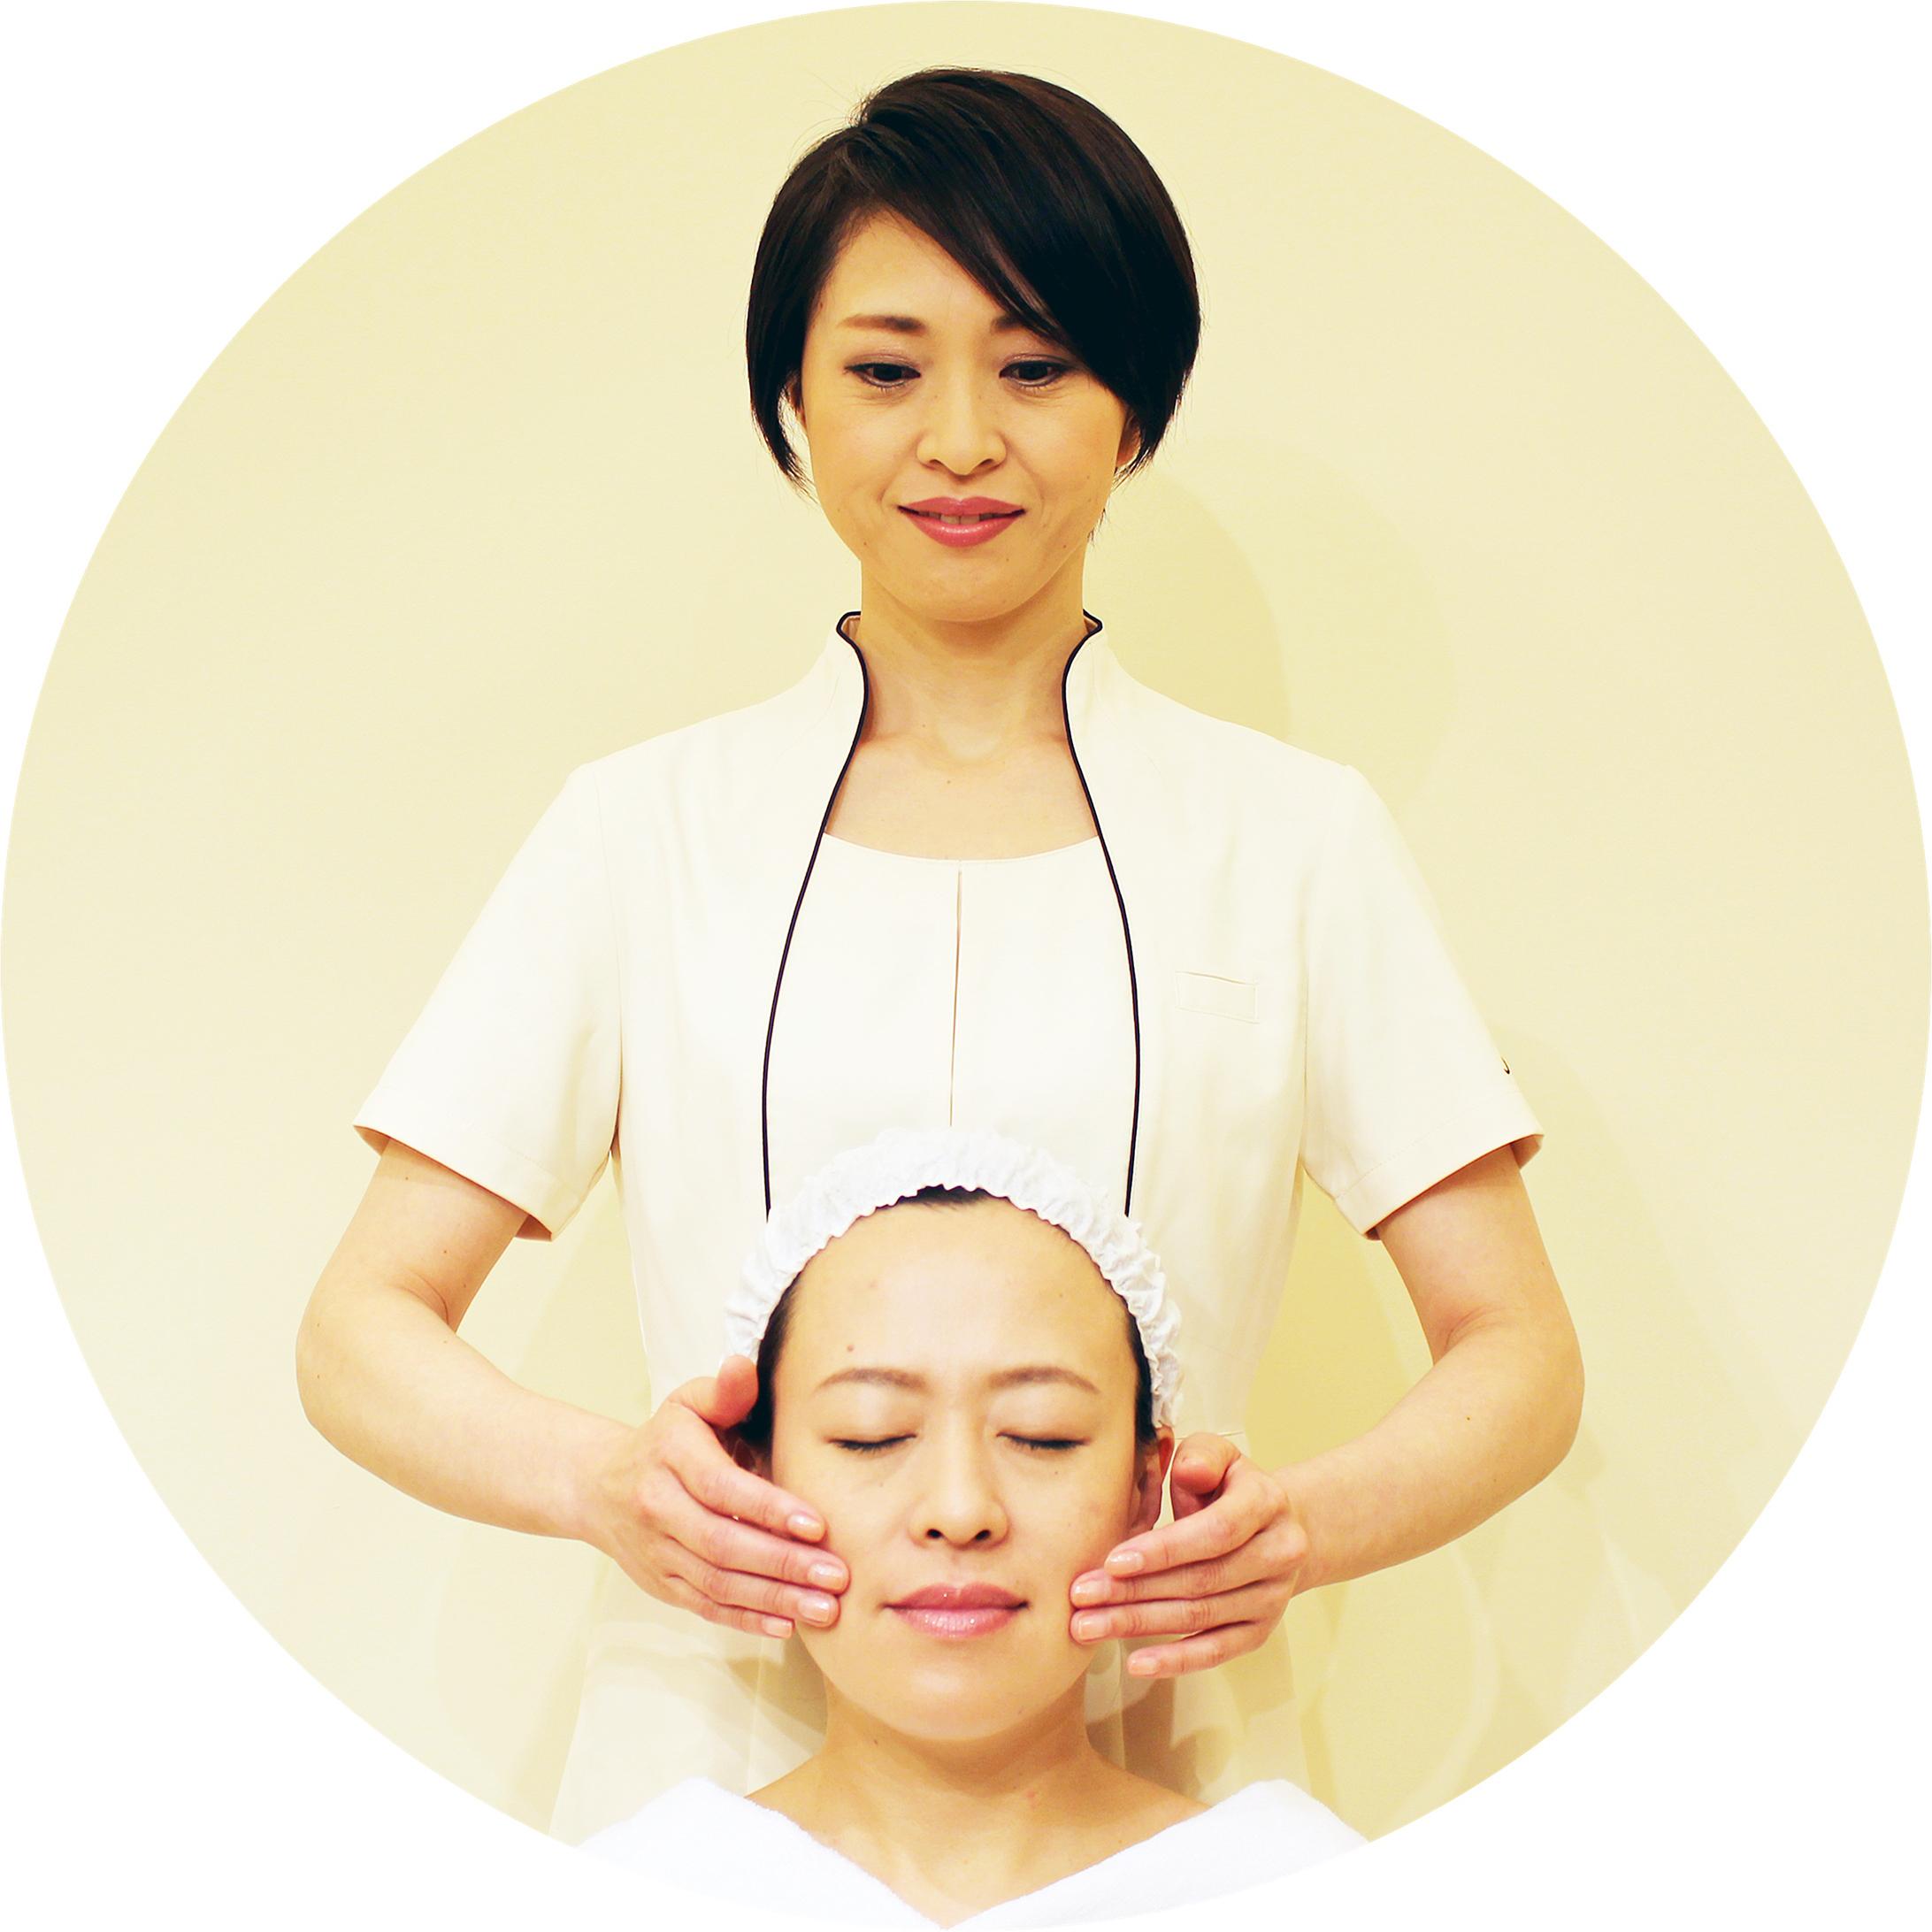 Aesthetic Music Software SHISEIDO OMOTENASHI Sound Developed